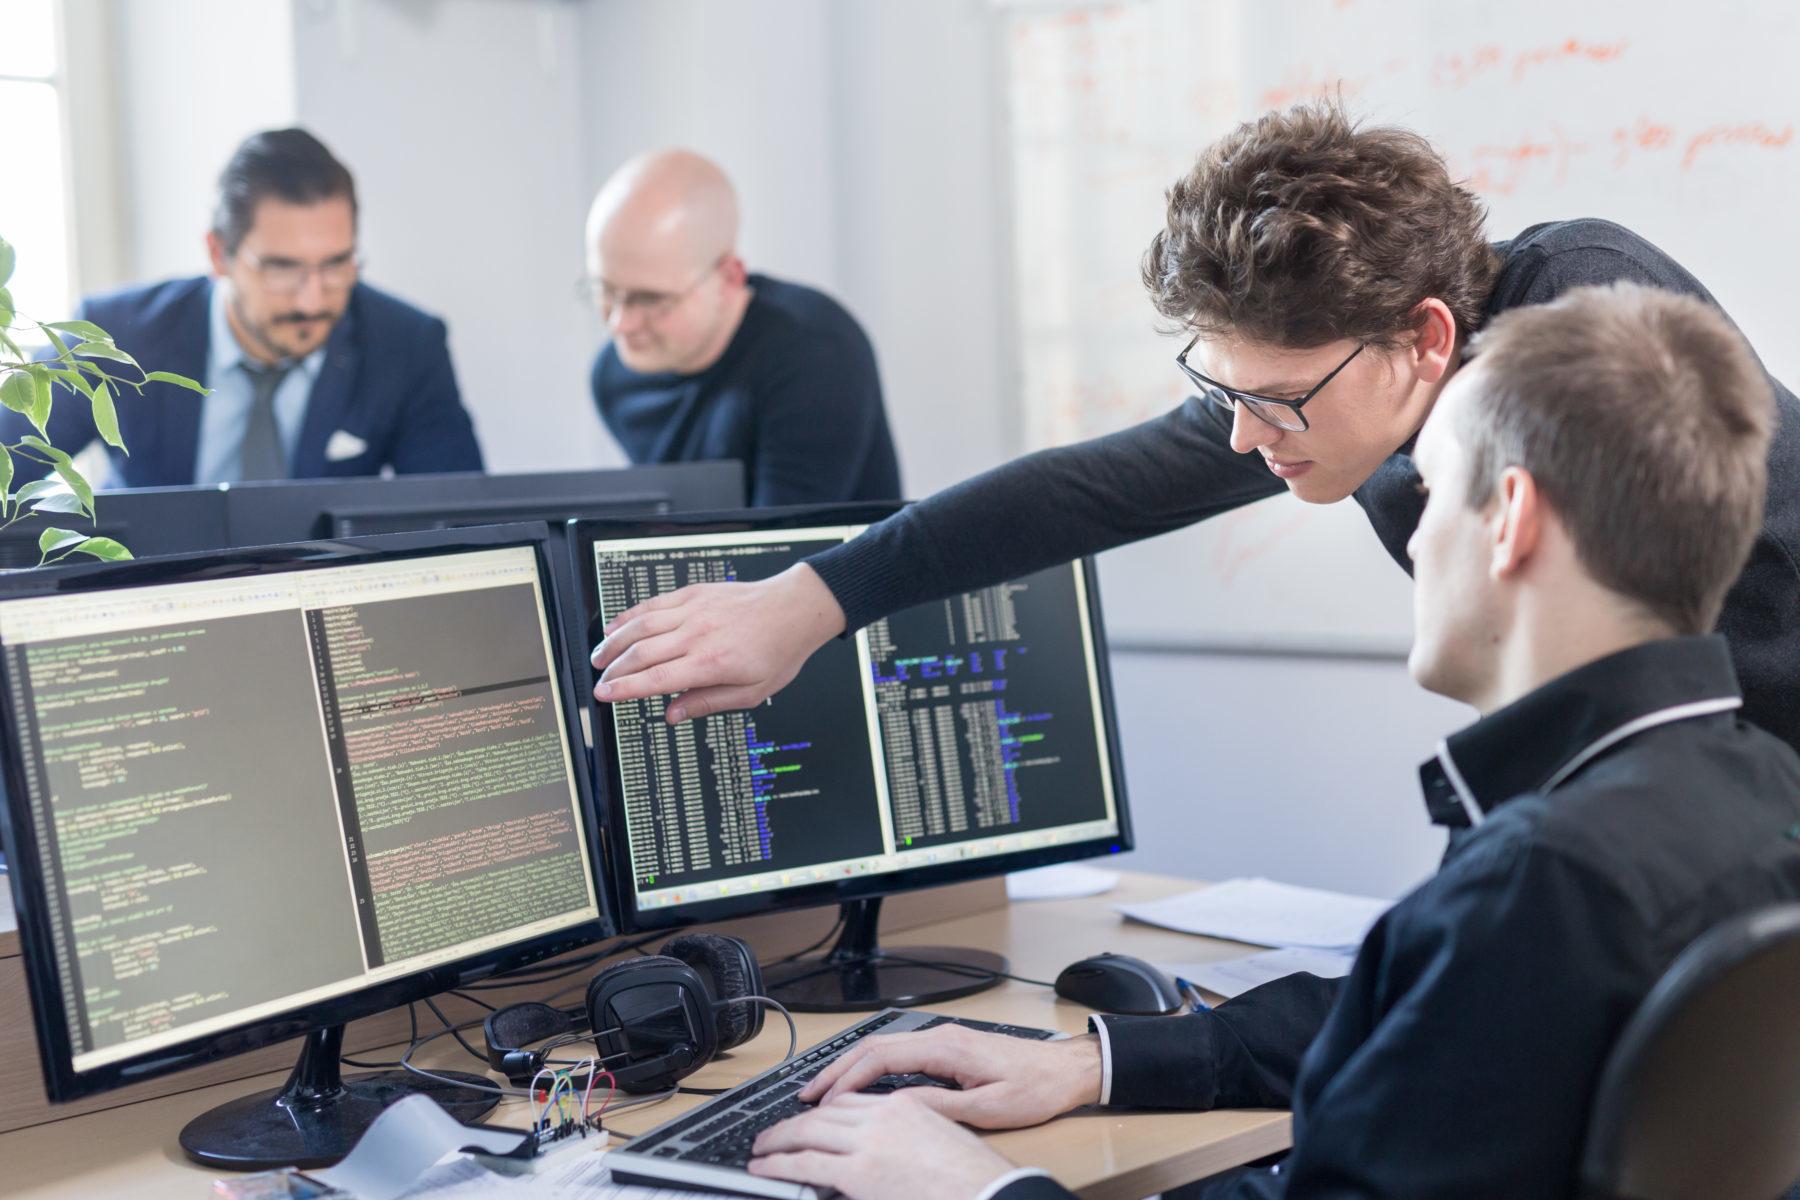 Planung, Umsetzung, Betreuung, IT-Systeme, Client-Server-Systeme, Server, Integration, Arbeitsplatzausstattung